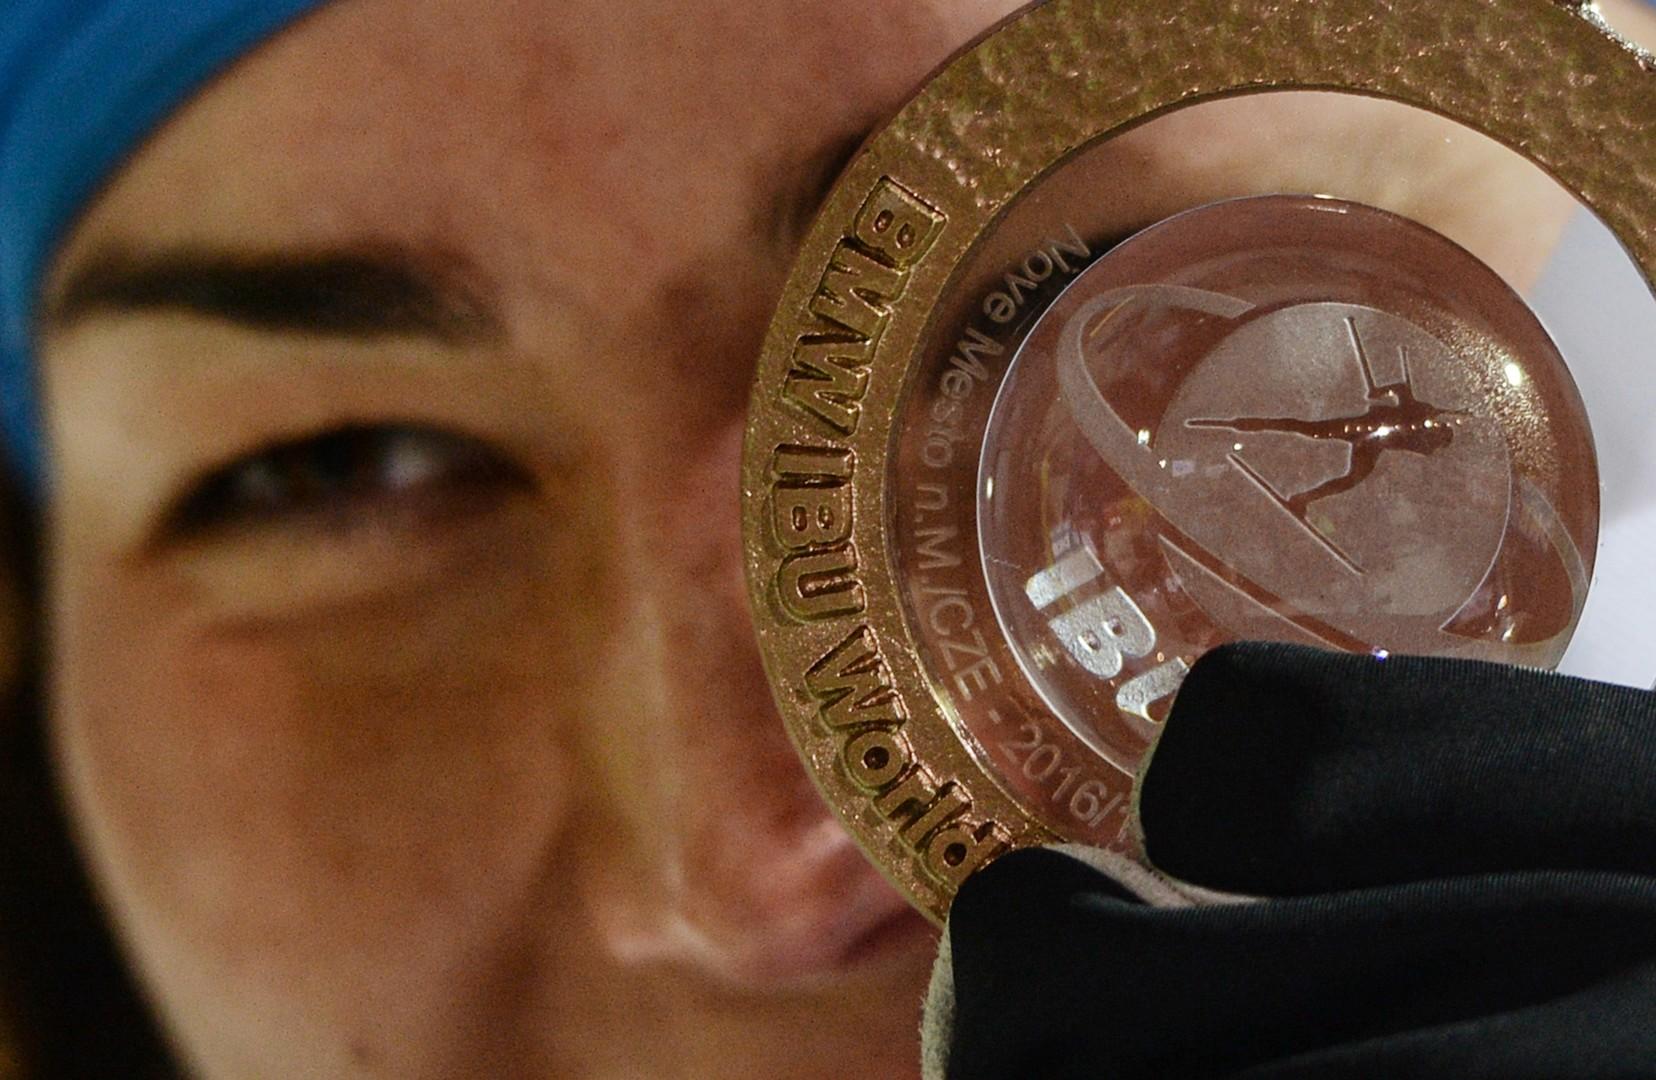 Этап имени Акимовой и призрак допинга: чем запомнятся соревнования КМ по биатлону в Чехии